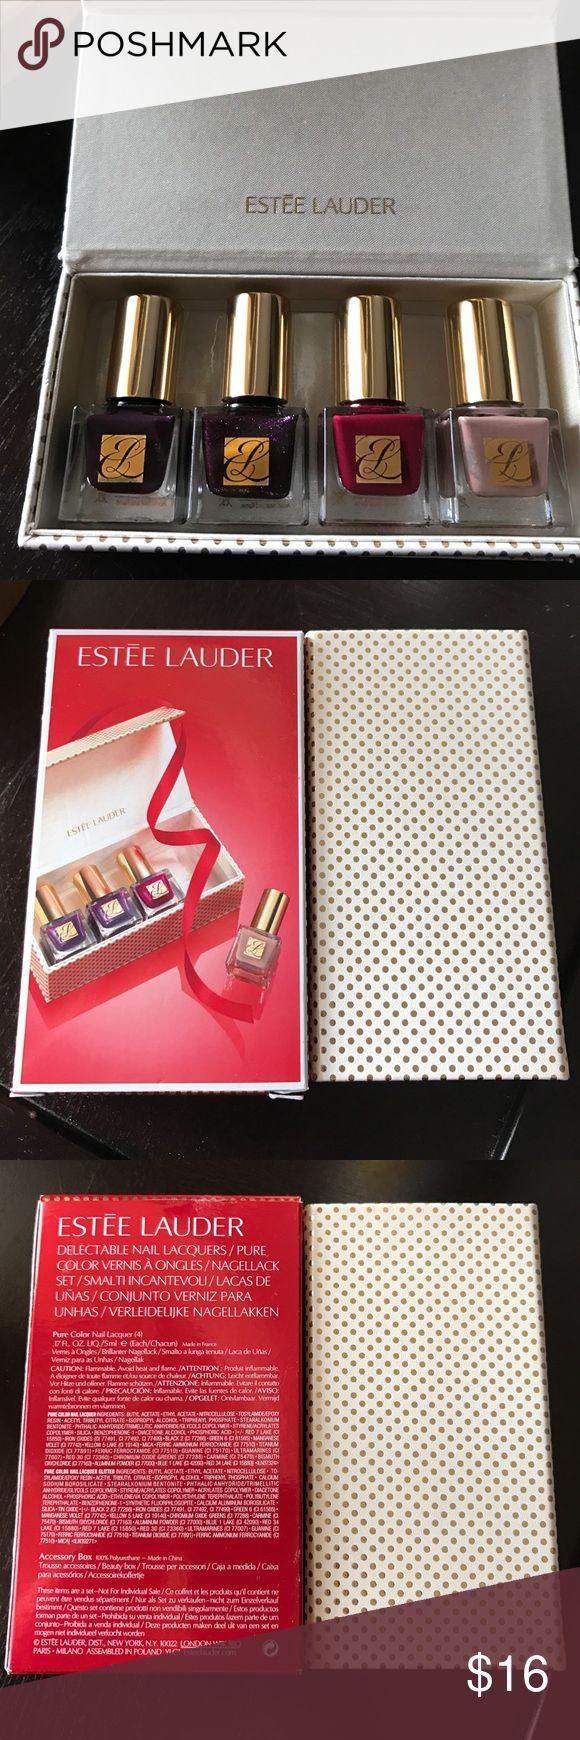 ❤️️FINAL SALE❤️️ NIB Estée Lauder Nail Lacquers 4 nail lacquers in adorable box Estee Lauder Makeup